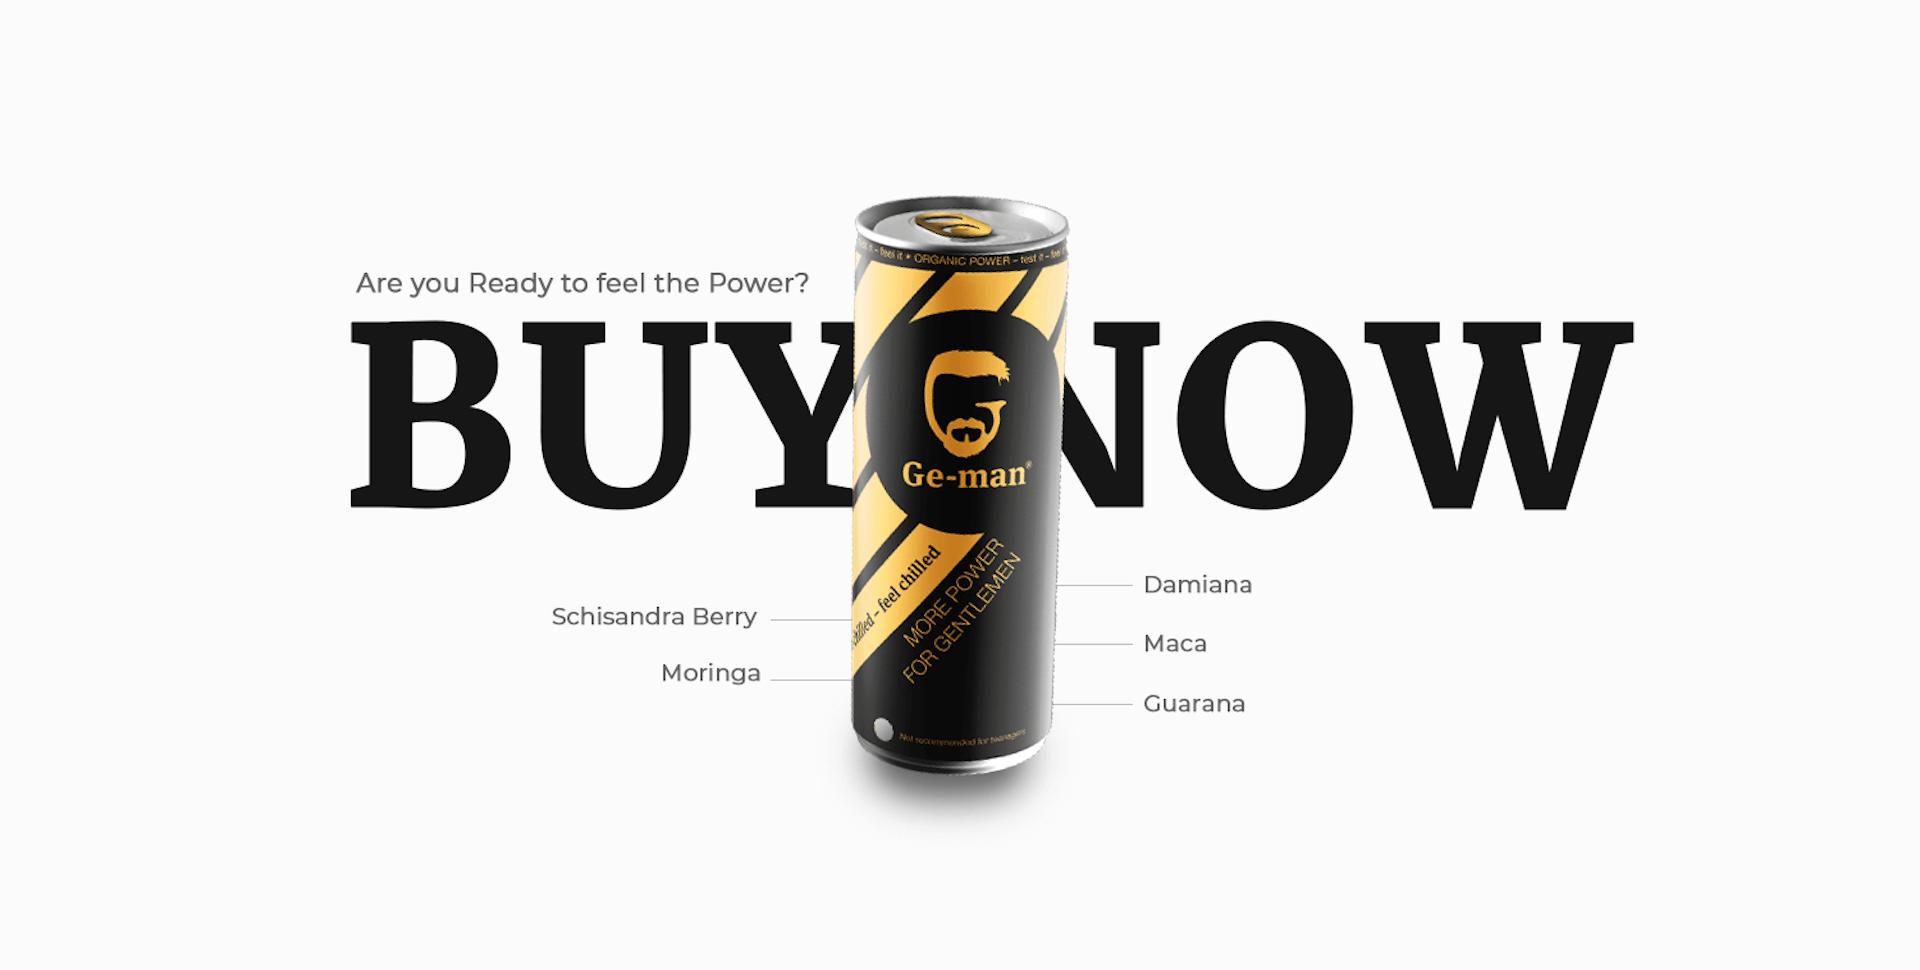 ge-man jetzt kaufen